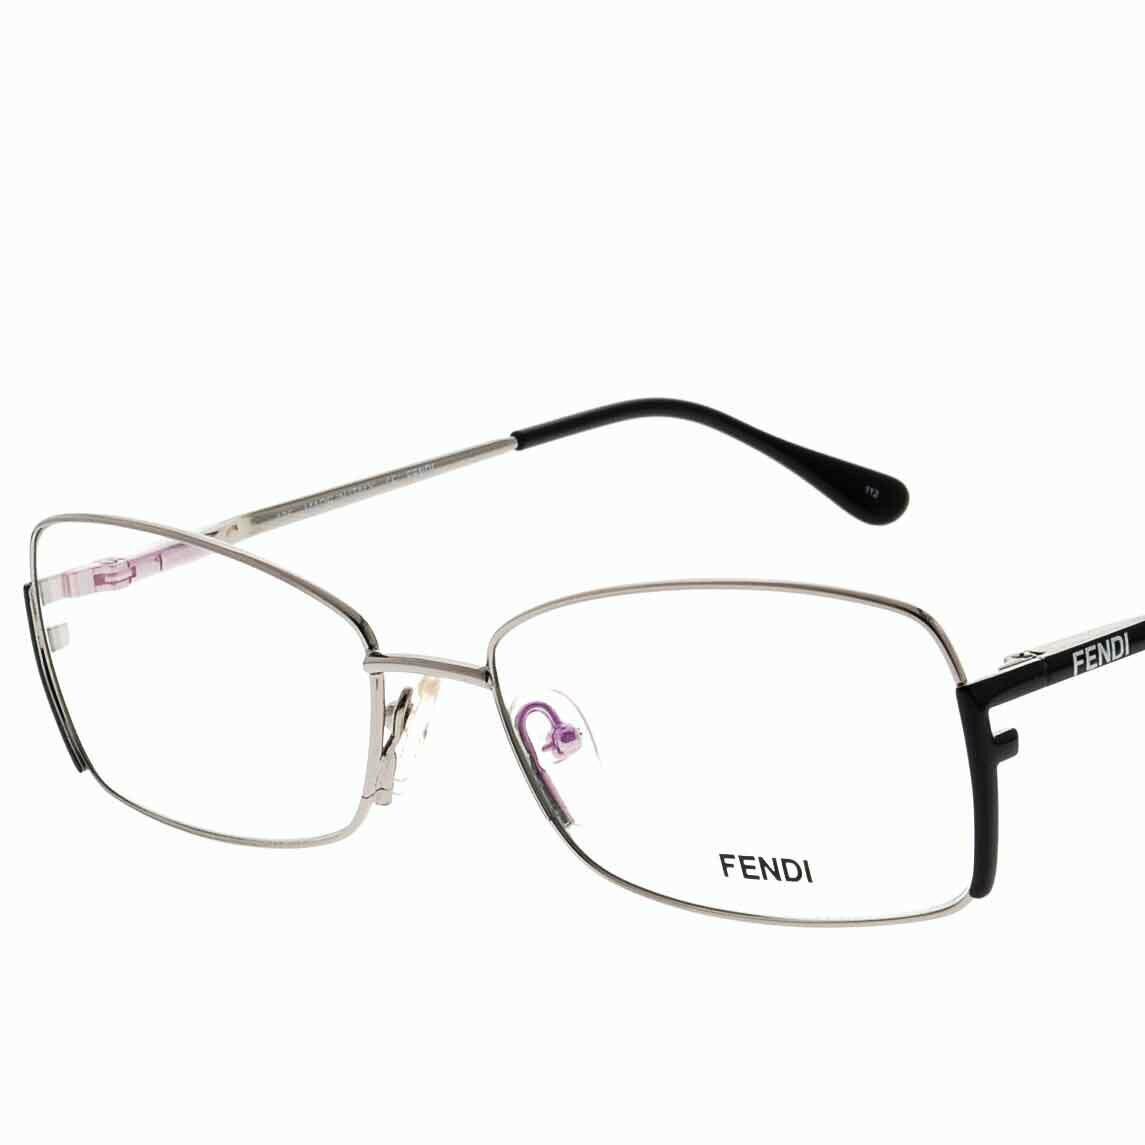 FENDI F959